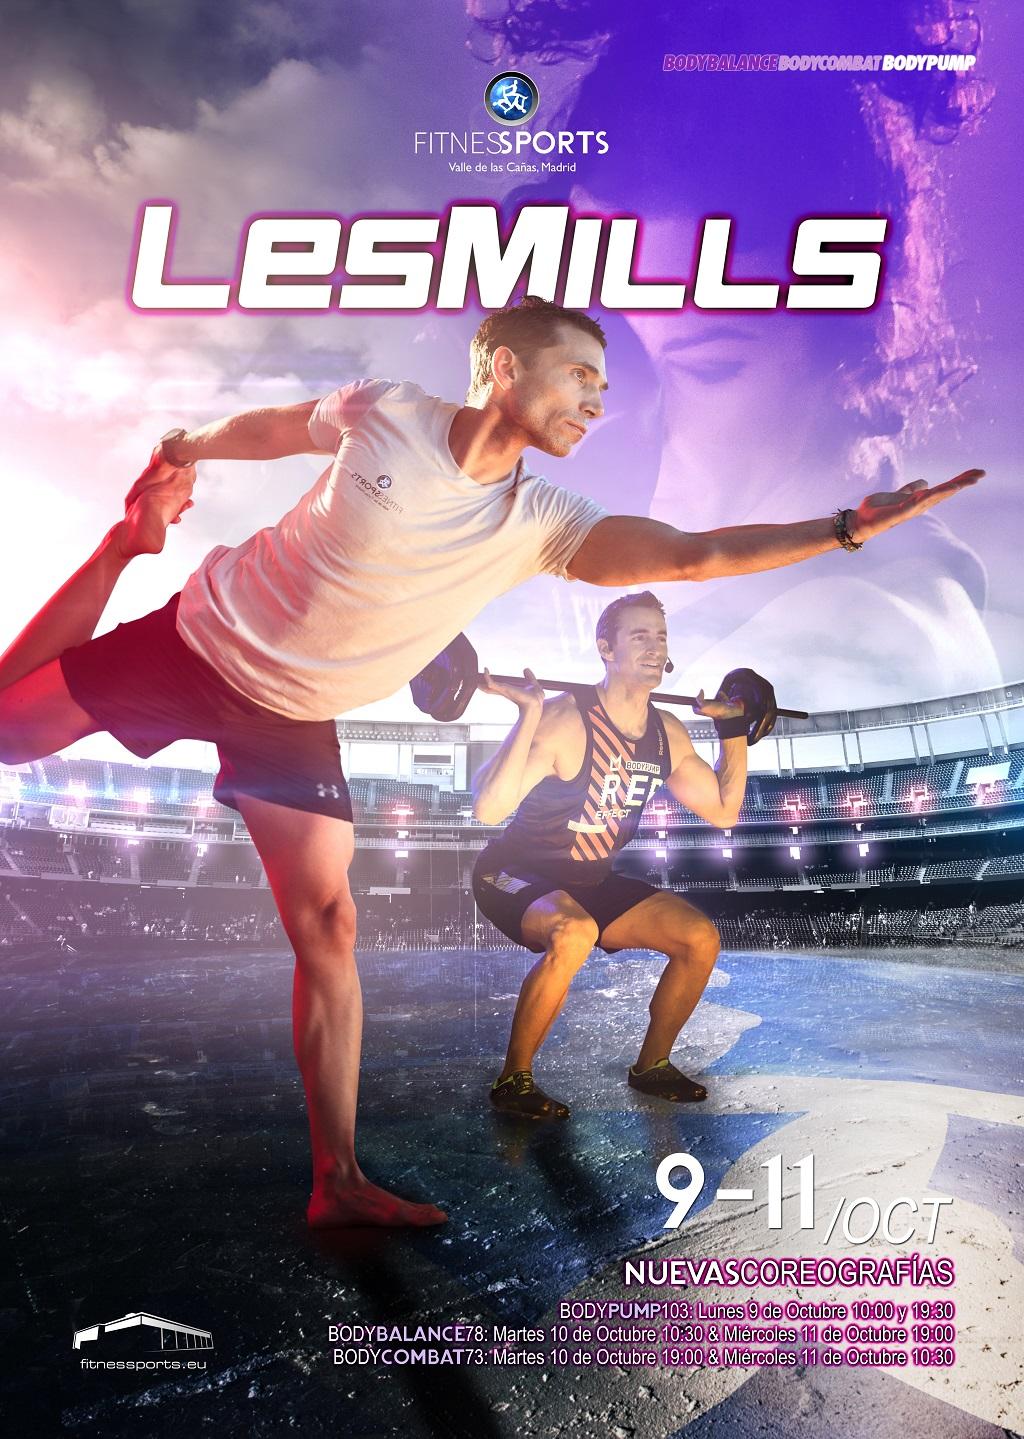 Presentaciones Les Mills Octubre 2017 Fitness Sports Valle de las CAñas Perfect Pixel Web